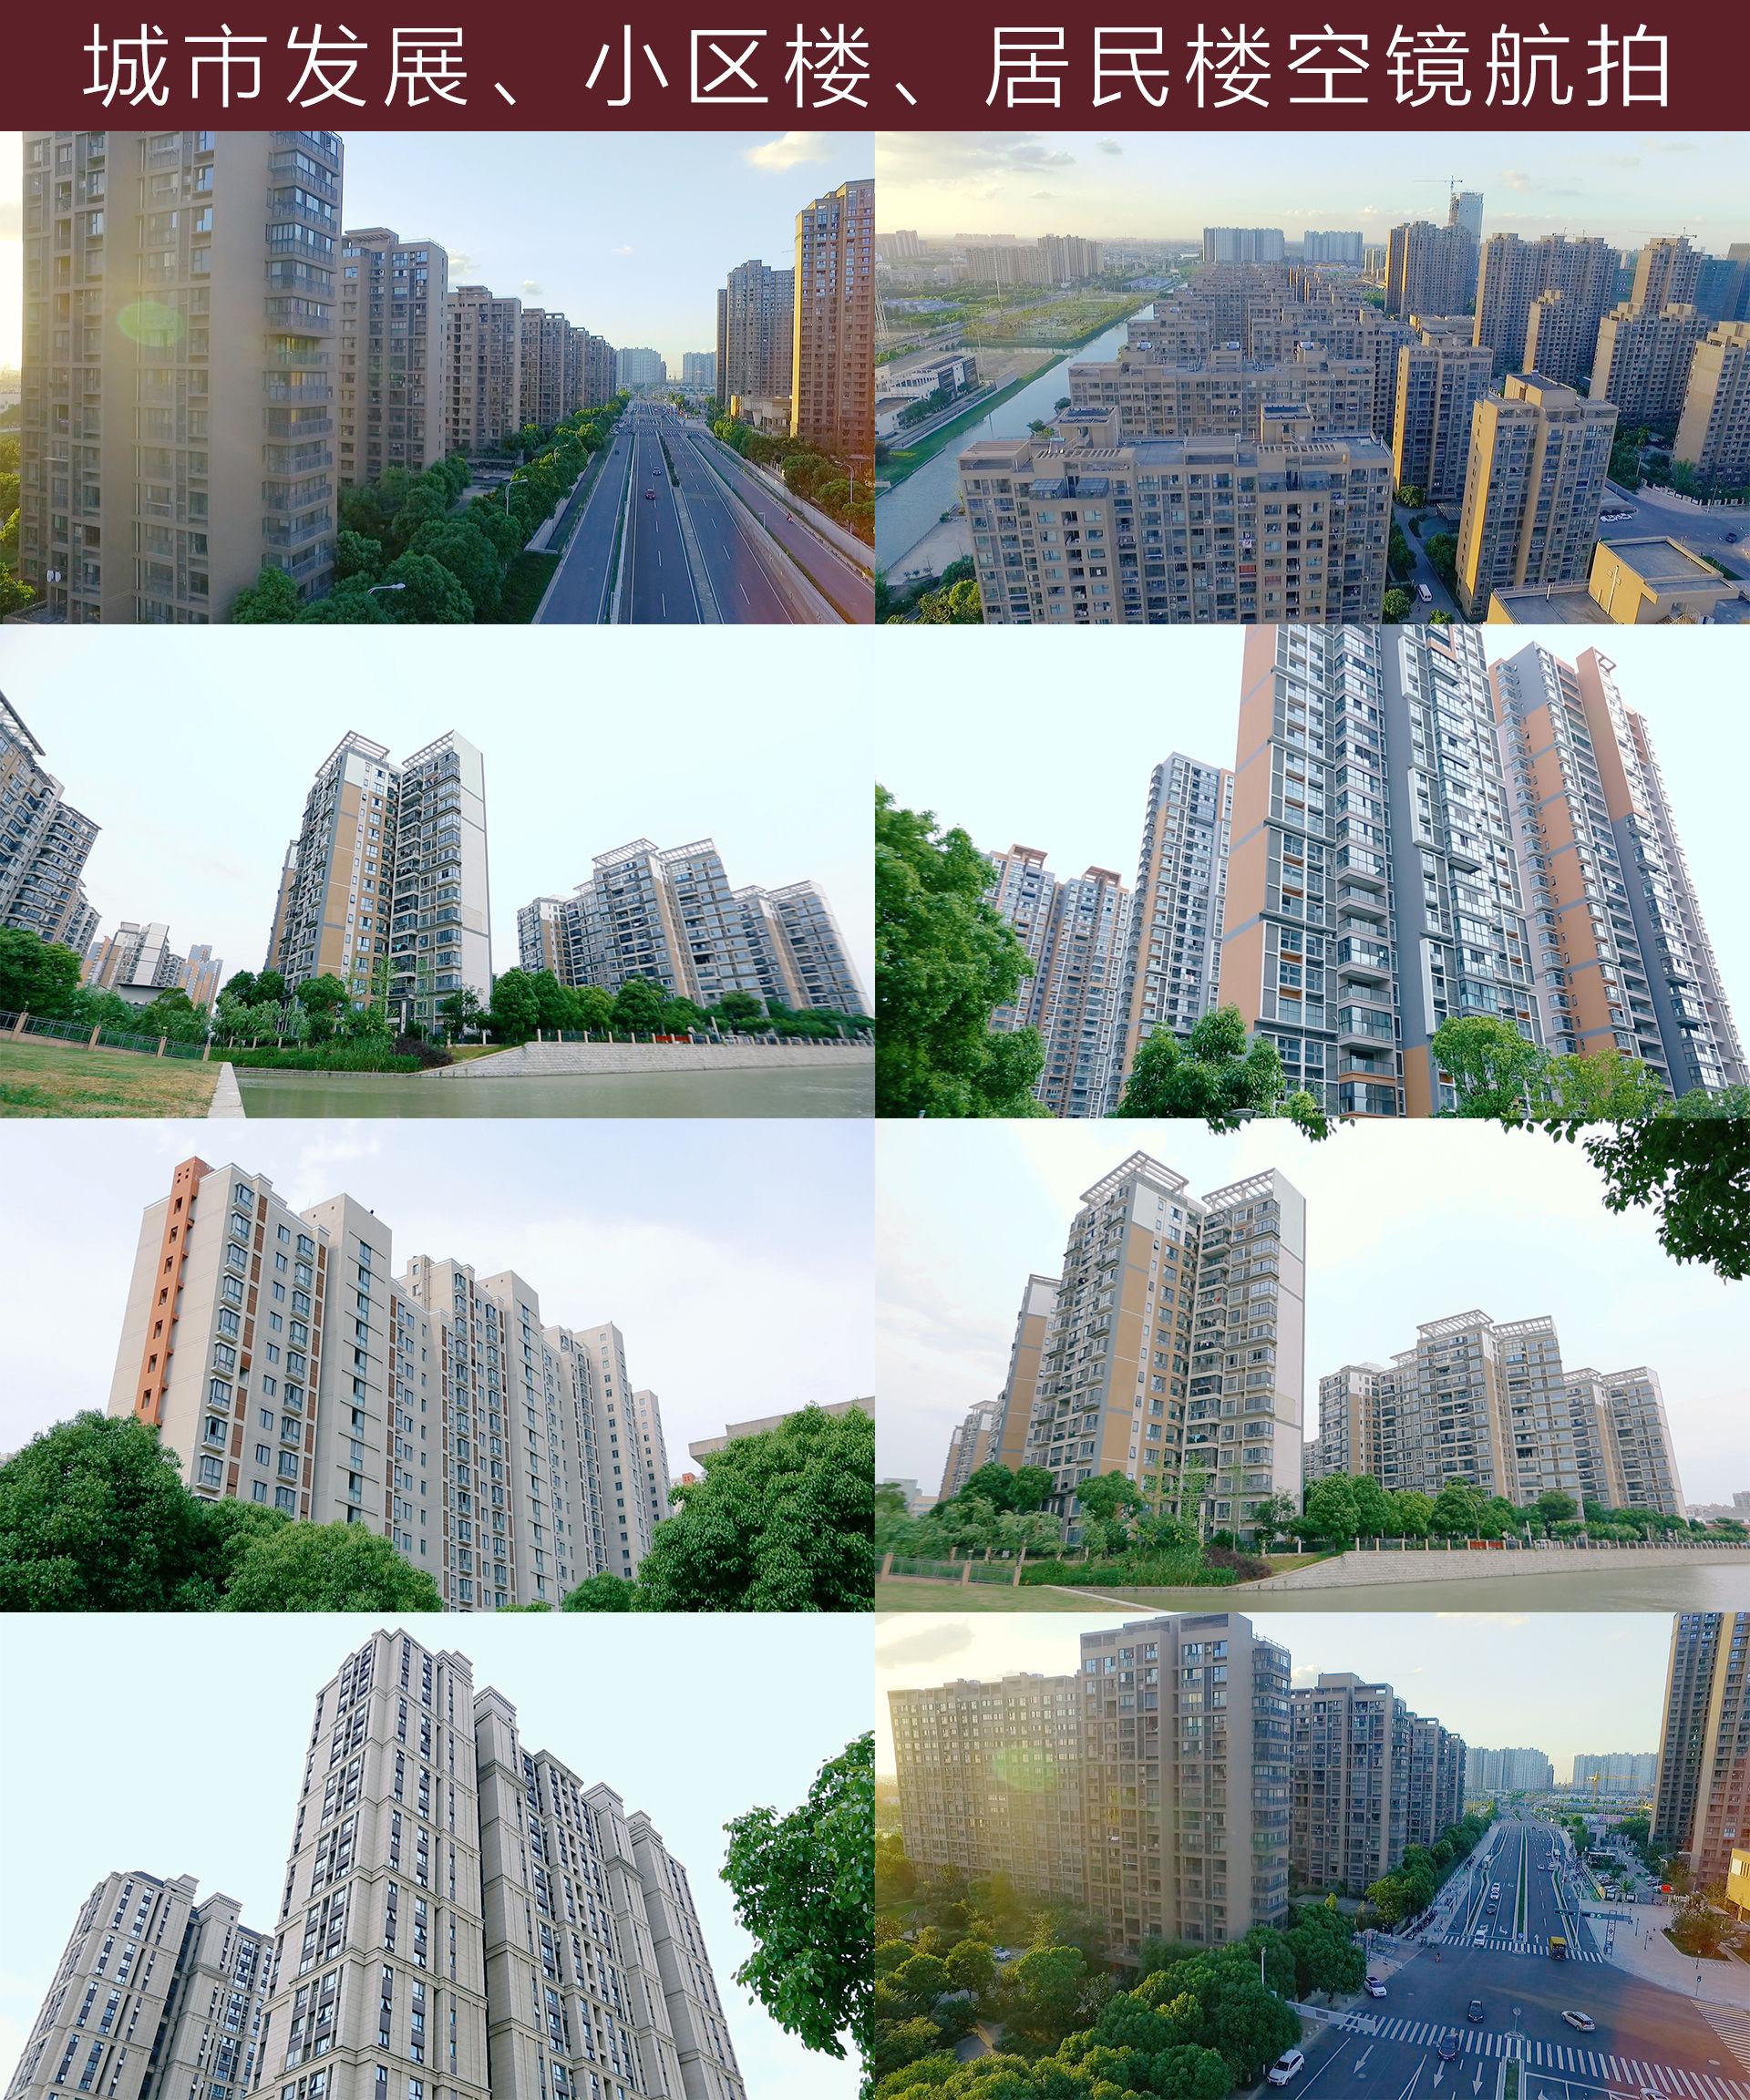 社区小区、居民楼环境